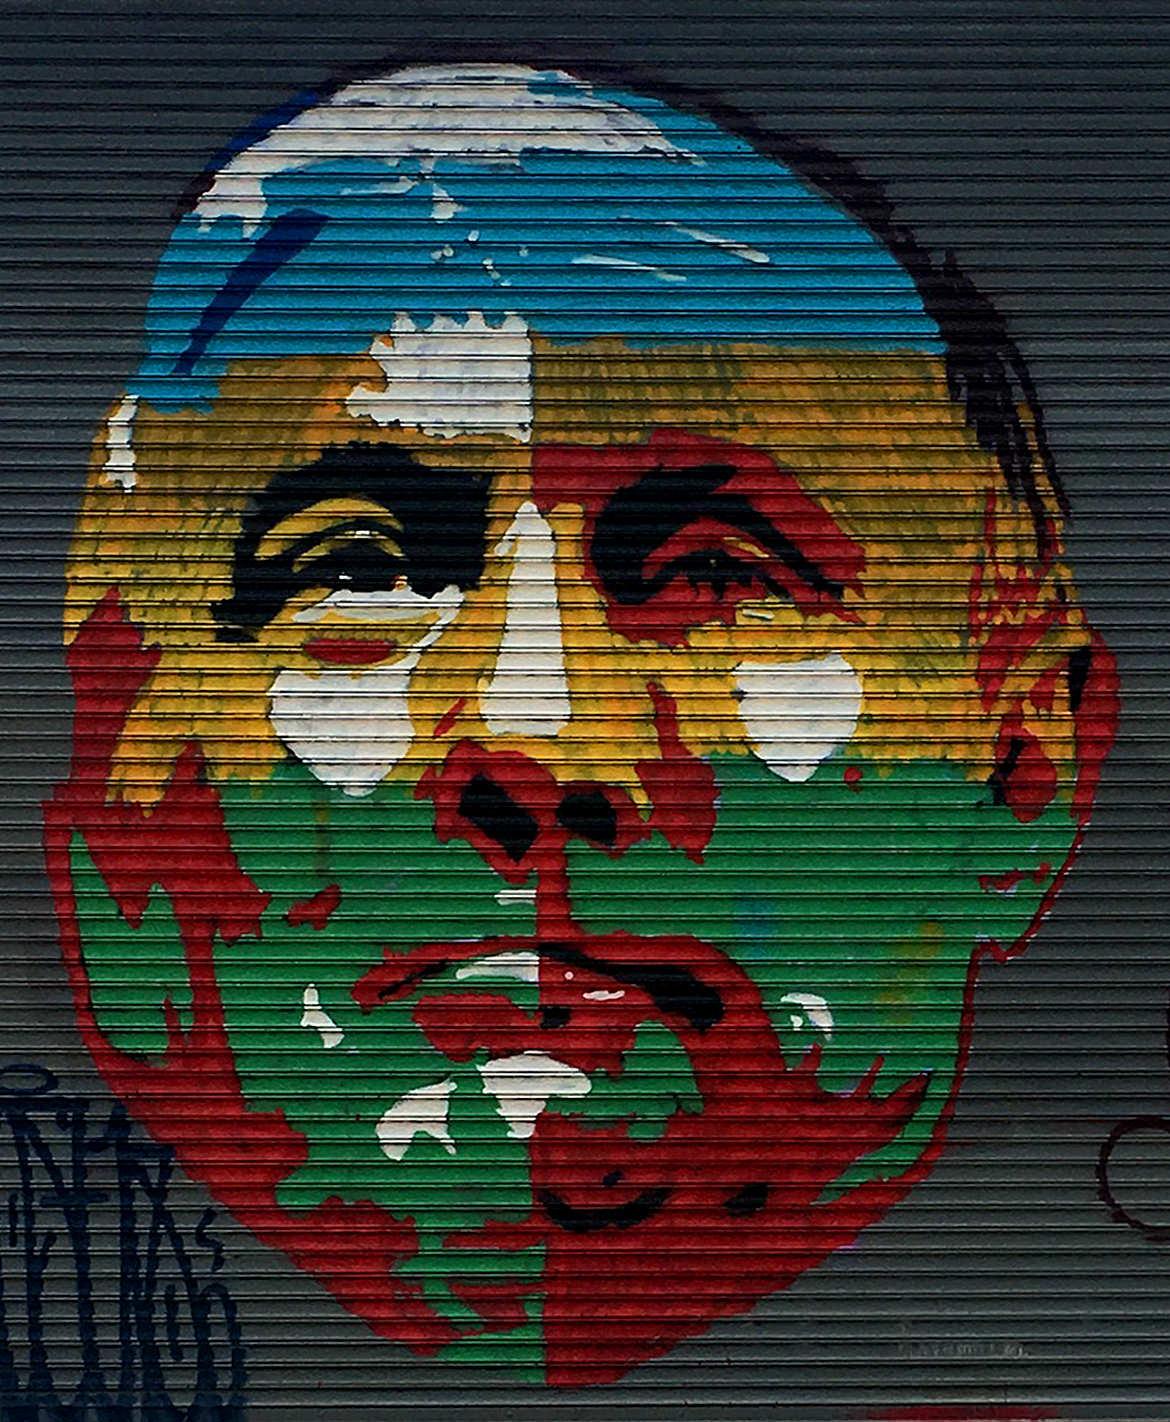 Trump & Putin painting